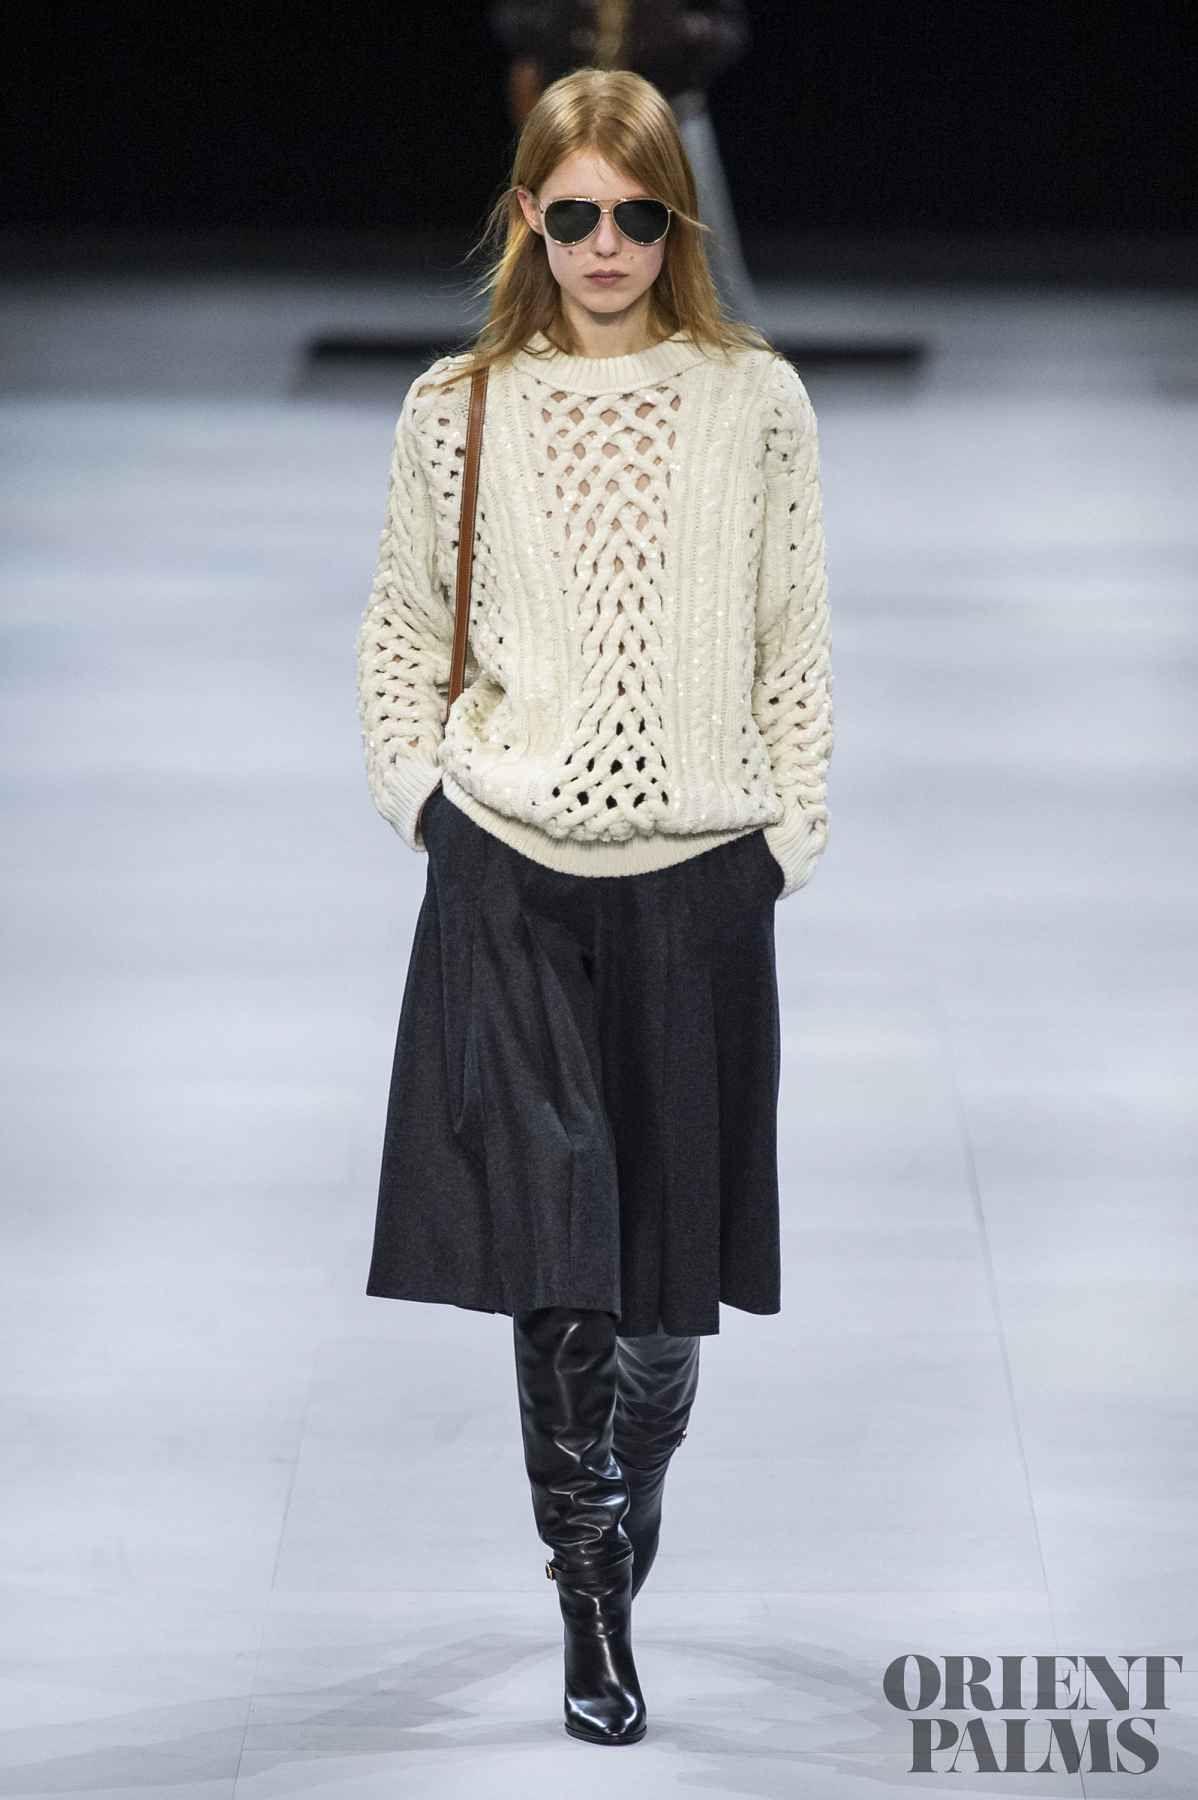 Celine Fall Winter 2019 2020 Ready To Wear Moda Otono Moda Otono Invierno Moda